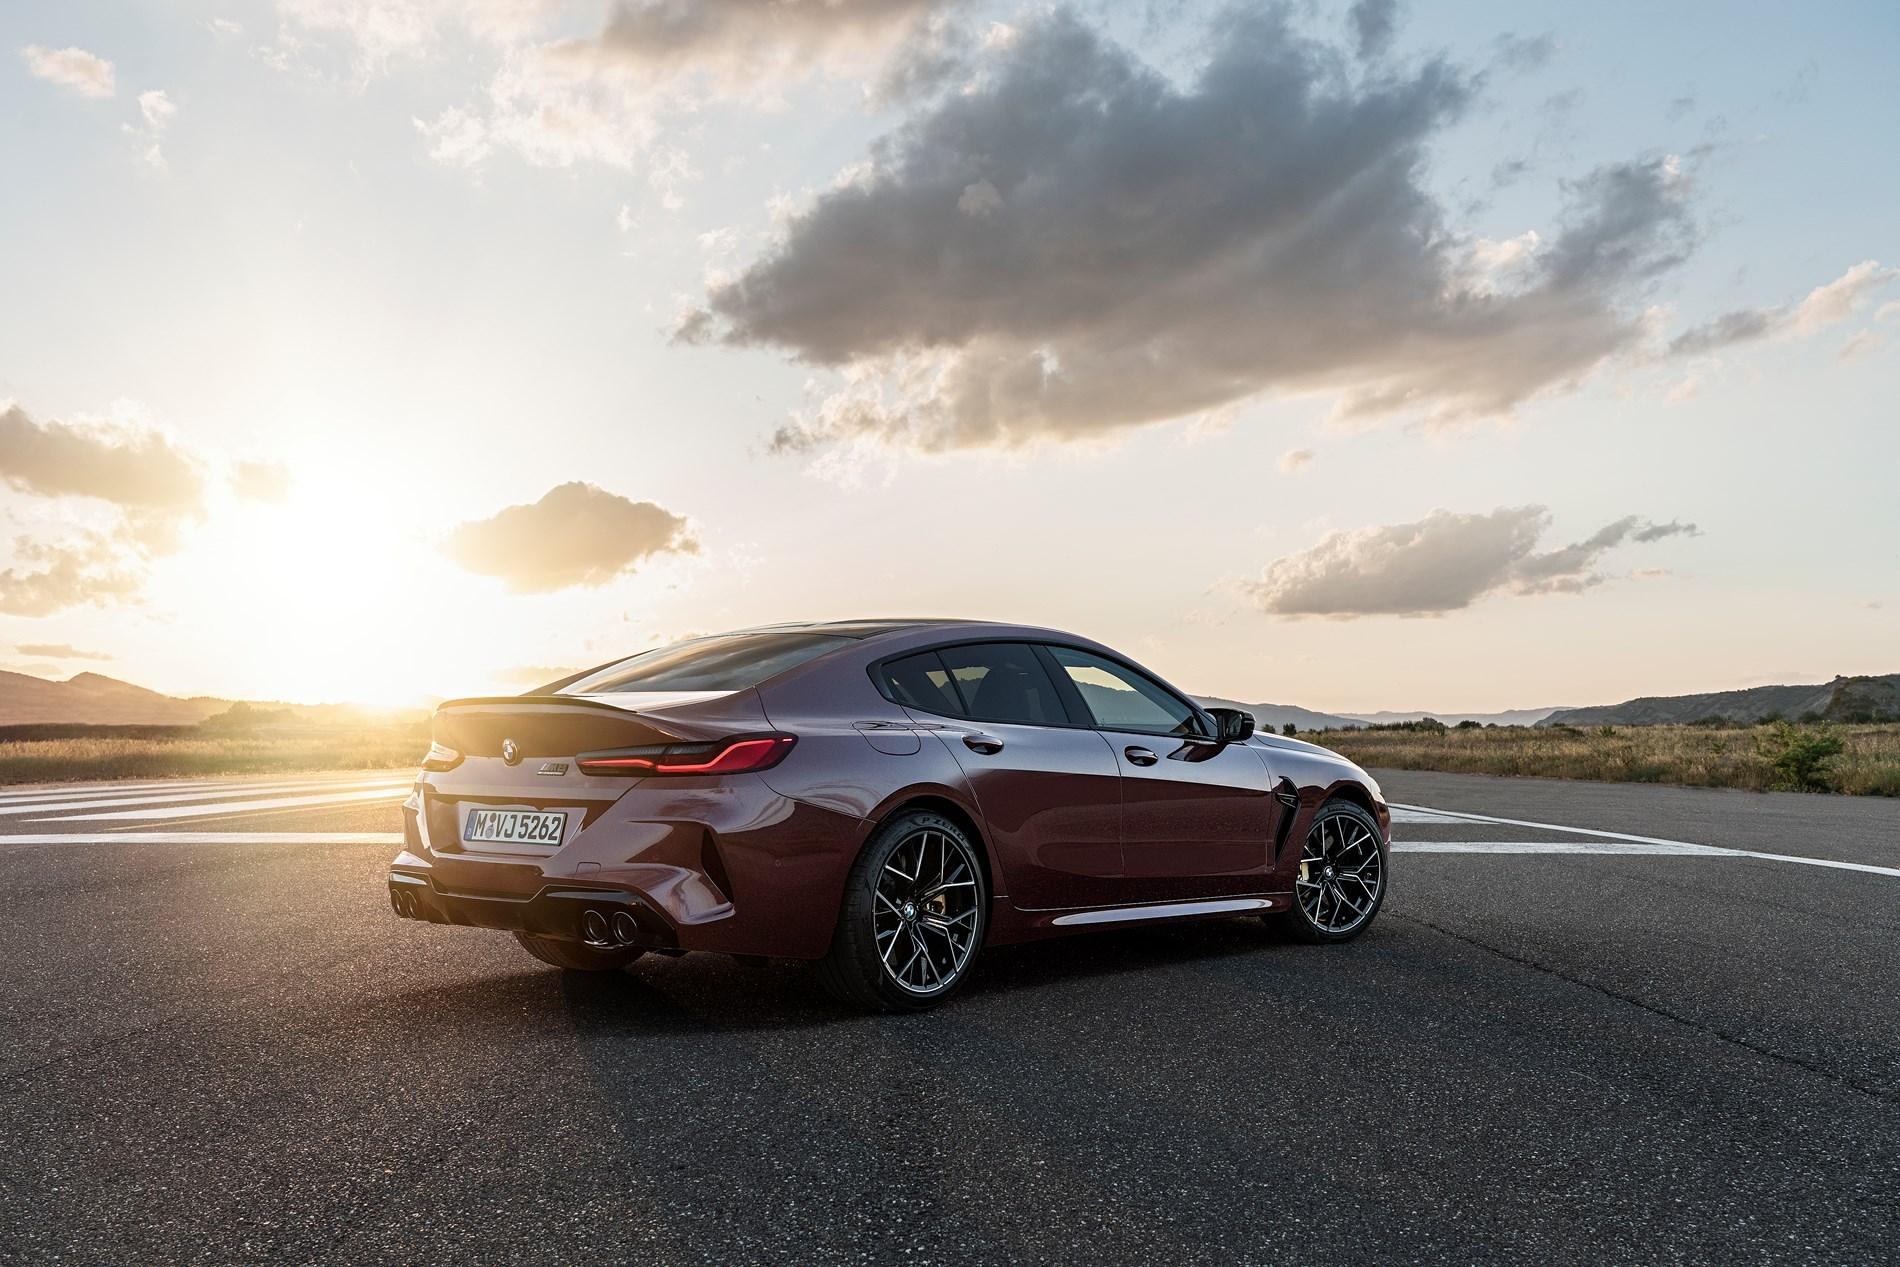 De nieuwe BMW M8 Gran Coupé en BMW M8 Competition Gran Coupé.